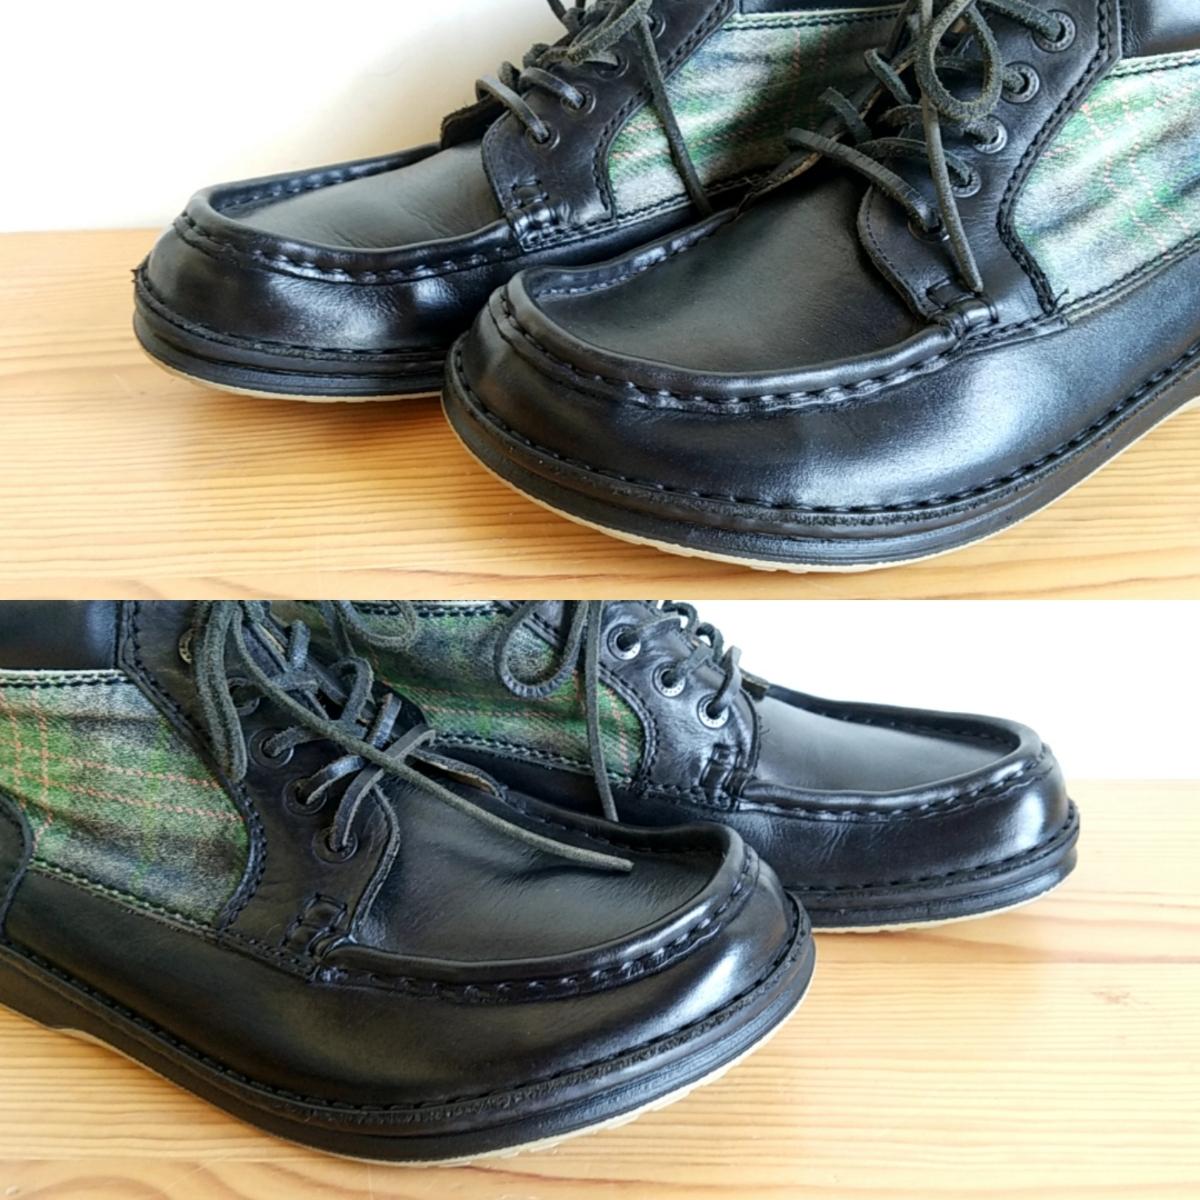 421◆ビルケンシュトック BIRKENSTOCK フットプリンツ footprints パサデナ ハイ size 41 26.5cm 黒×緑 チェック柄 中古 USED_画像9